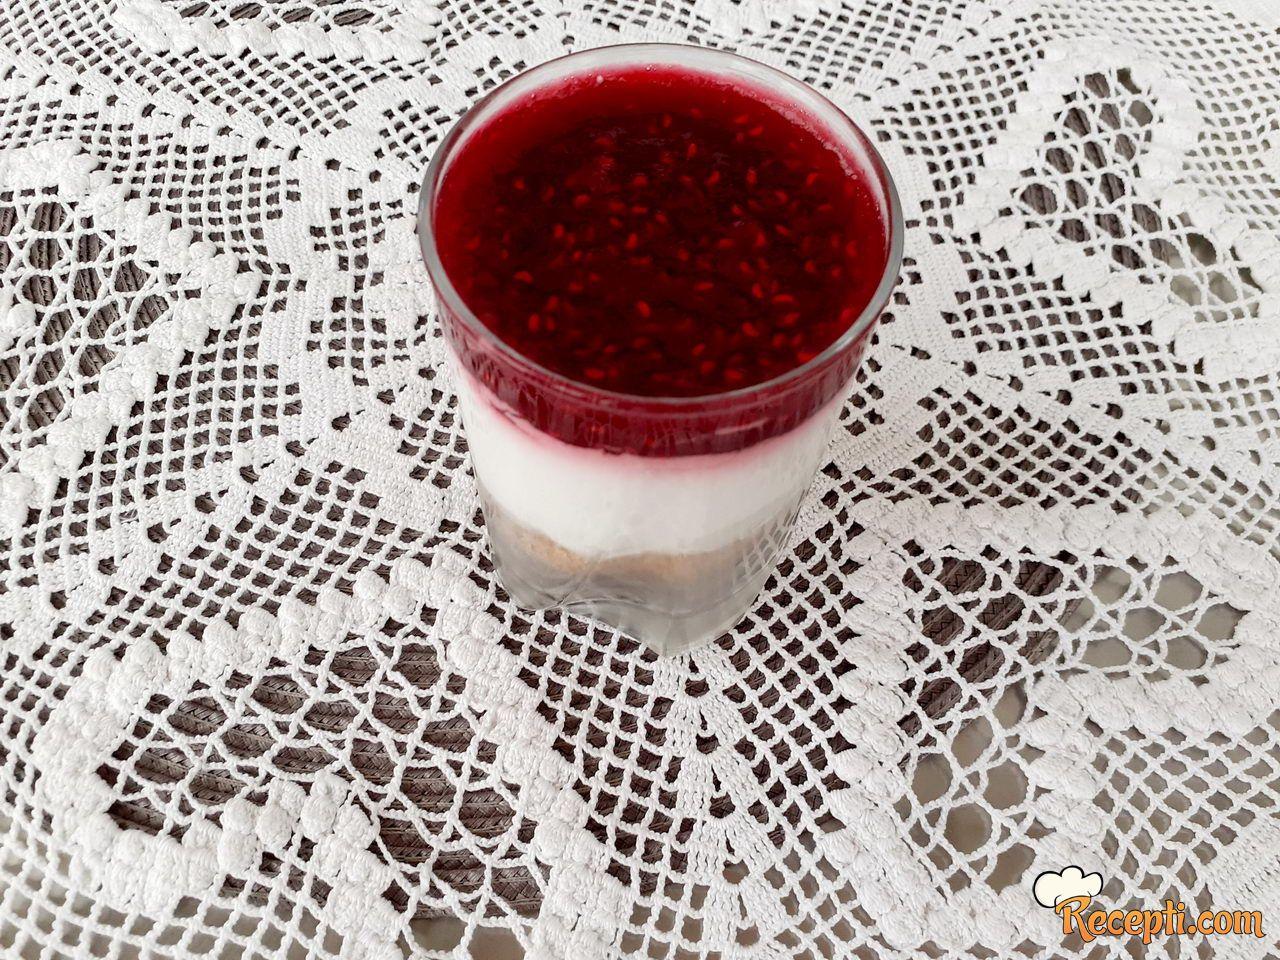 Čizkejk u čaši (2)